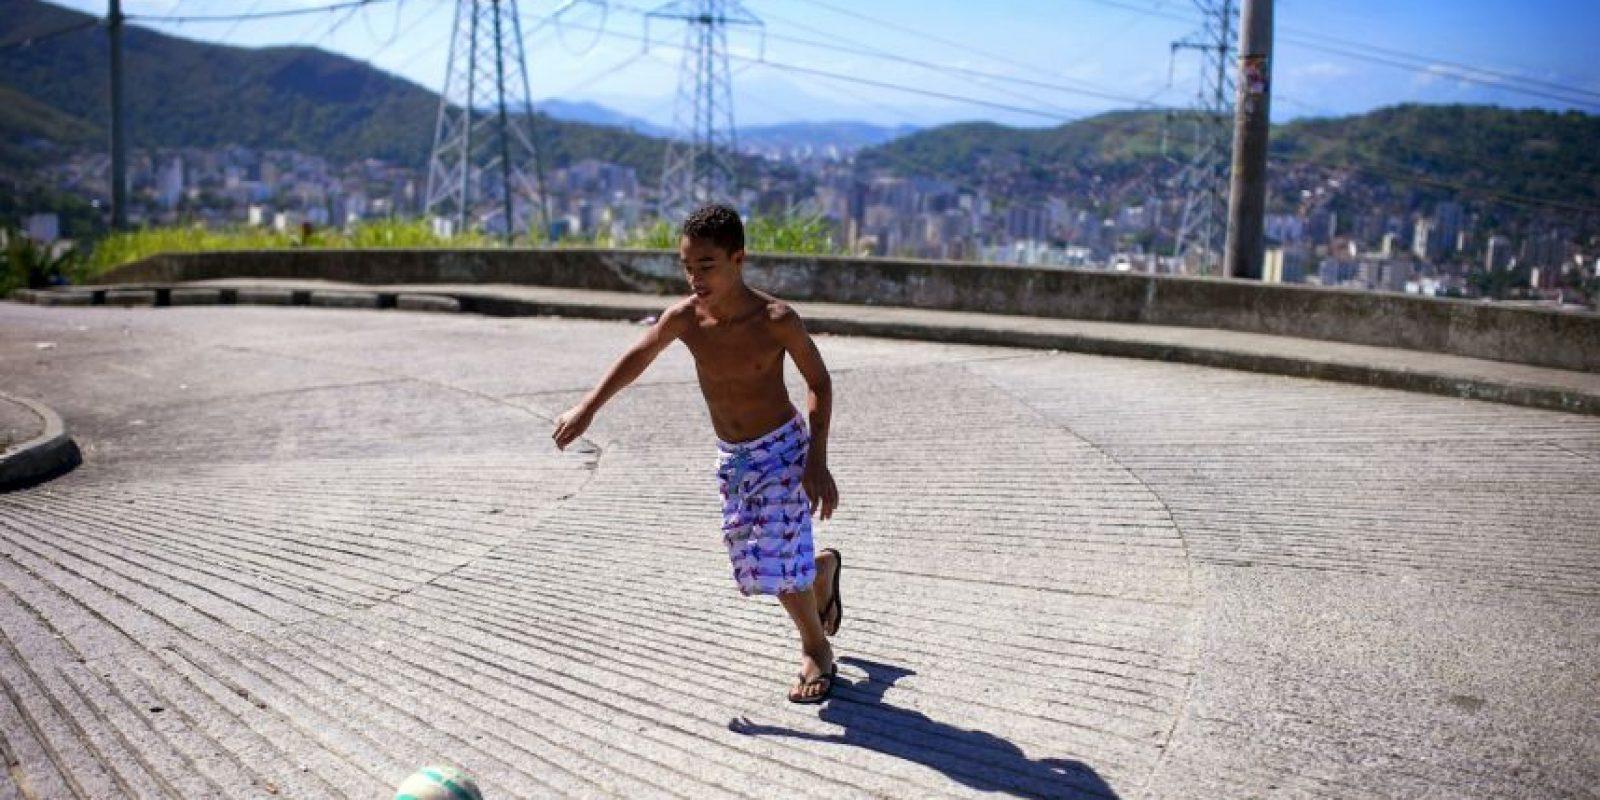 Prevenir el abuso contra los menores requiere de proyectos multisectoriales. Foto:vía Getty Images